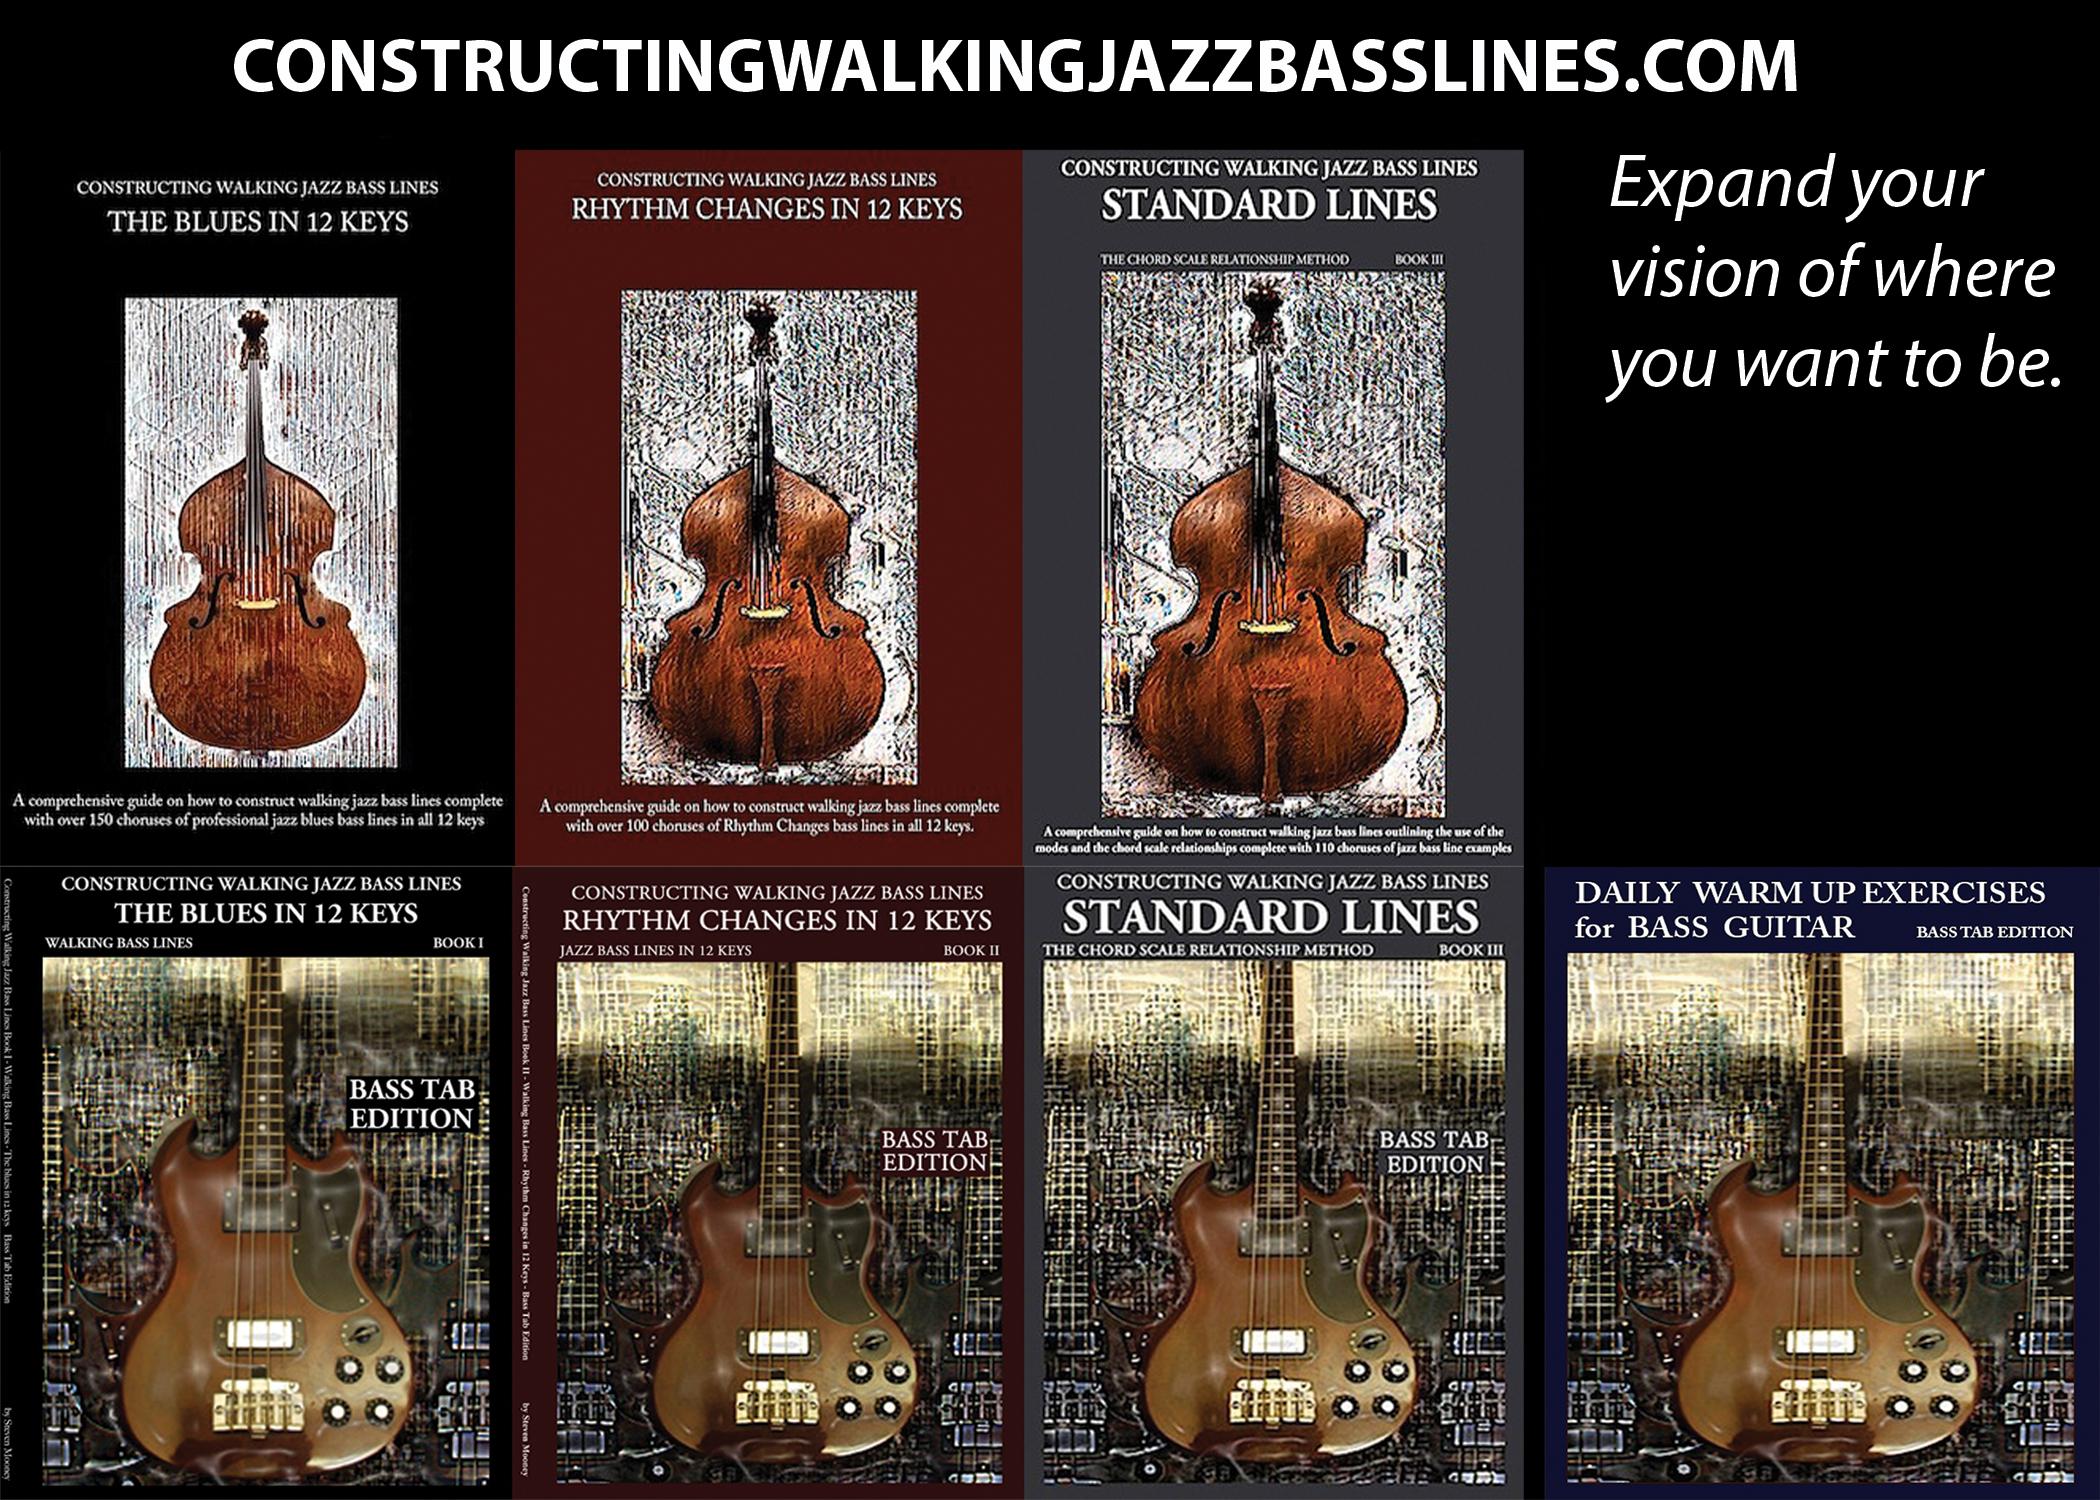 Jazz bass books in 12 keys, walking bass lines in 12 keys